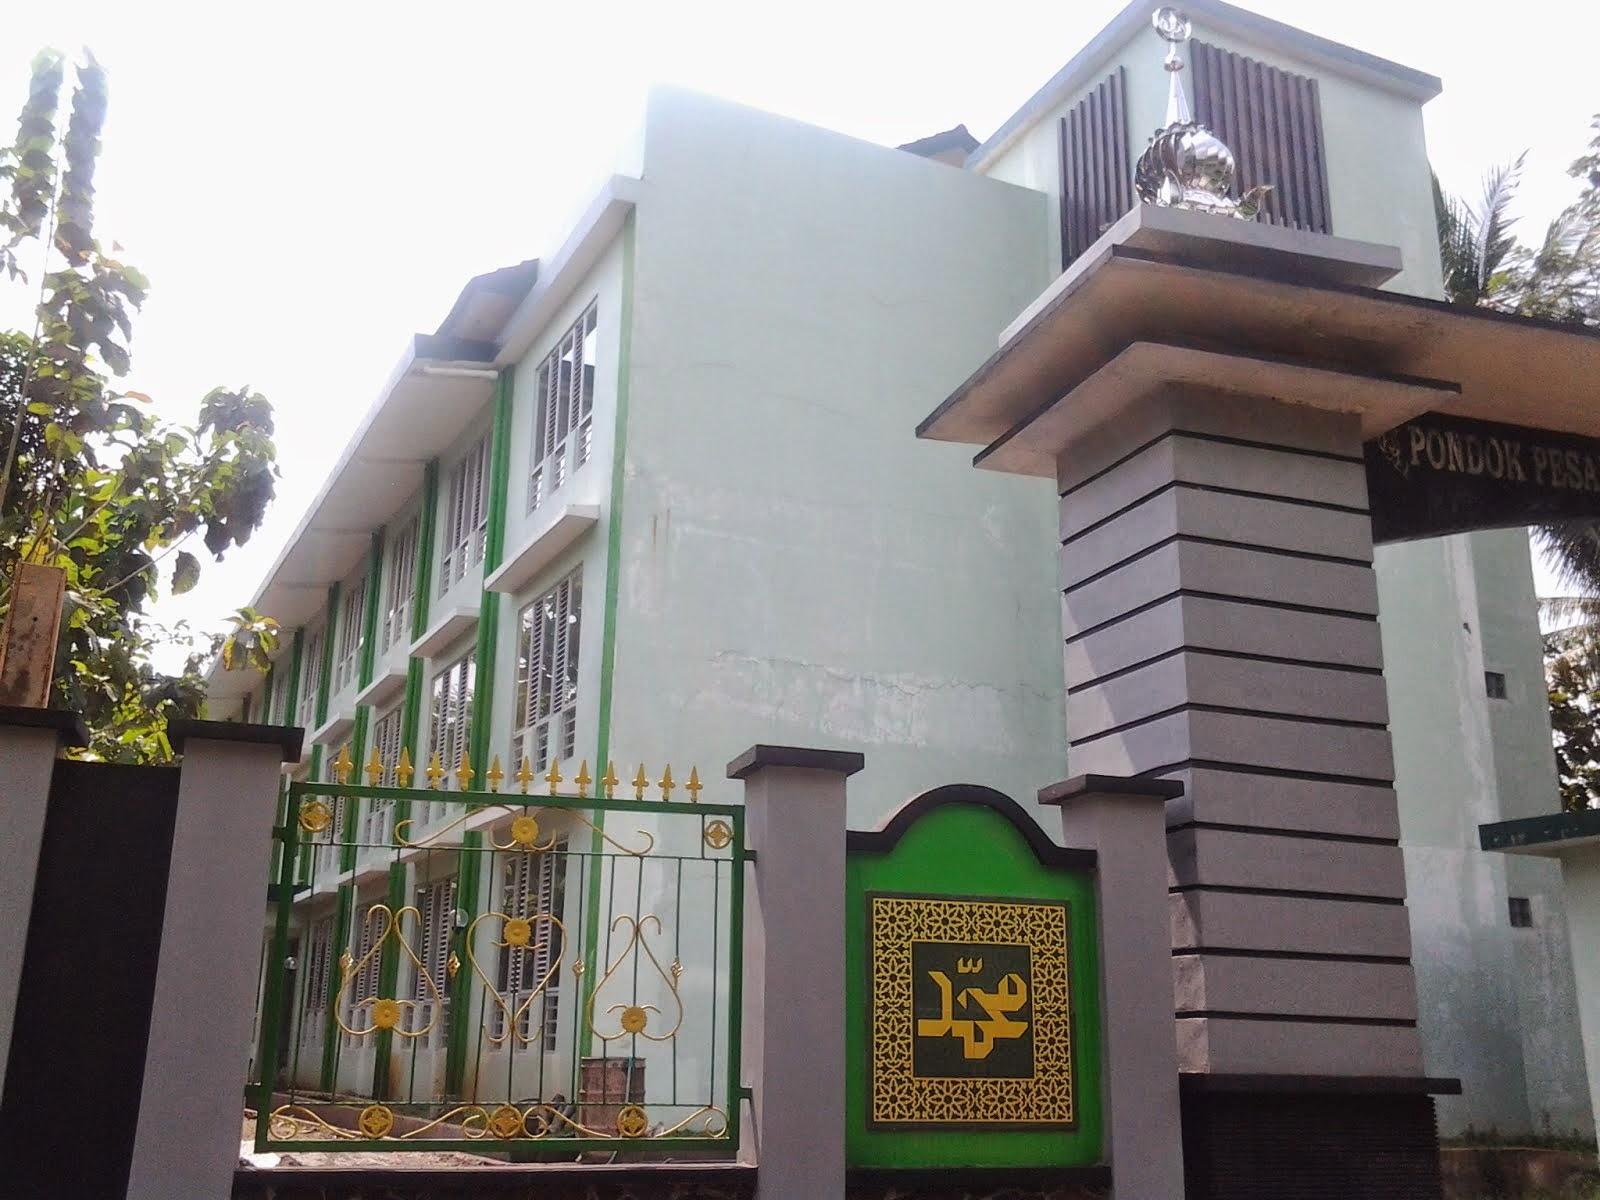 Gedung Ponpes Dari Depan